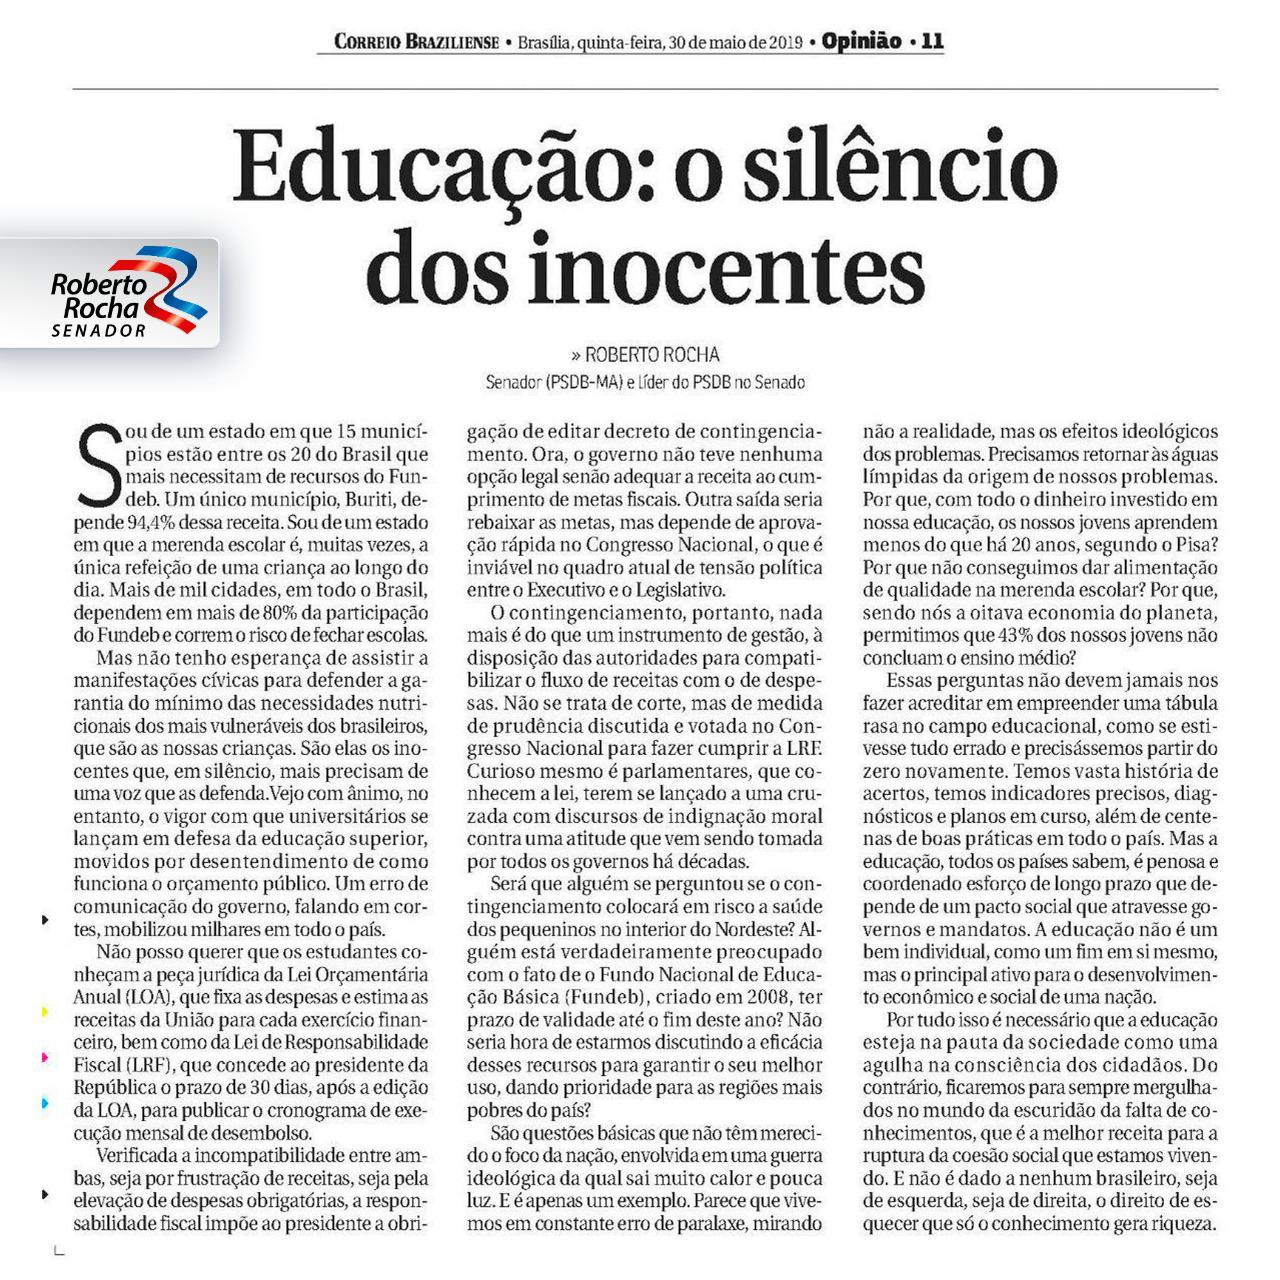 Educação_o silêncio dos inocentes